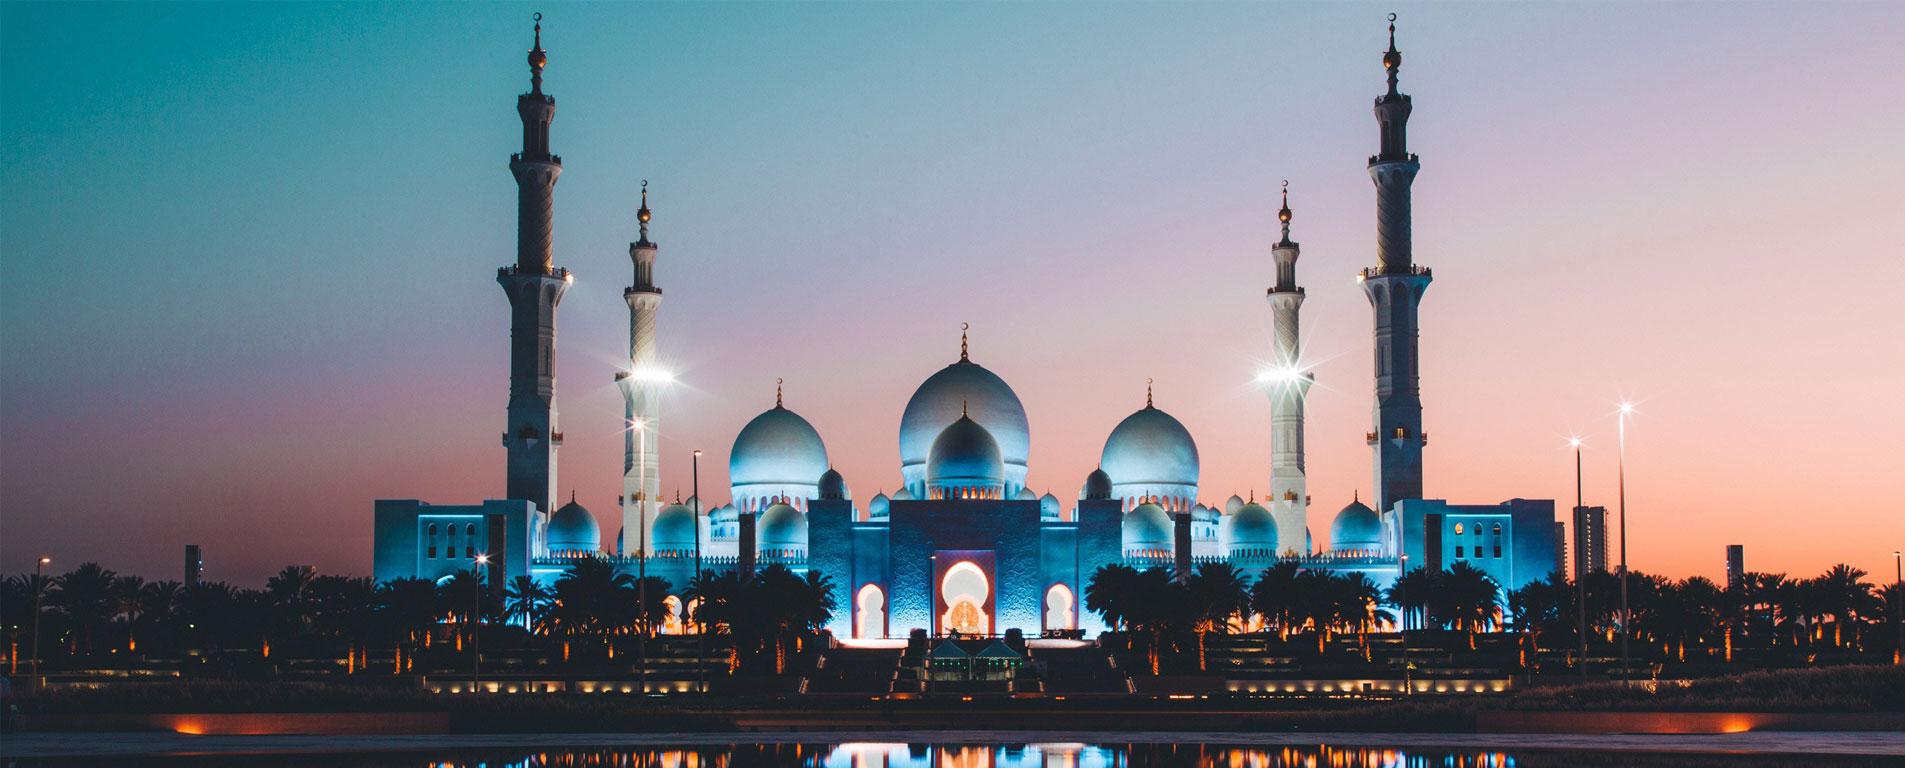 جاهای دیدنی ابوظبی ، شهری مدرن بر کرانهی خلیج فارس